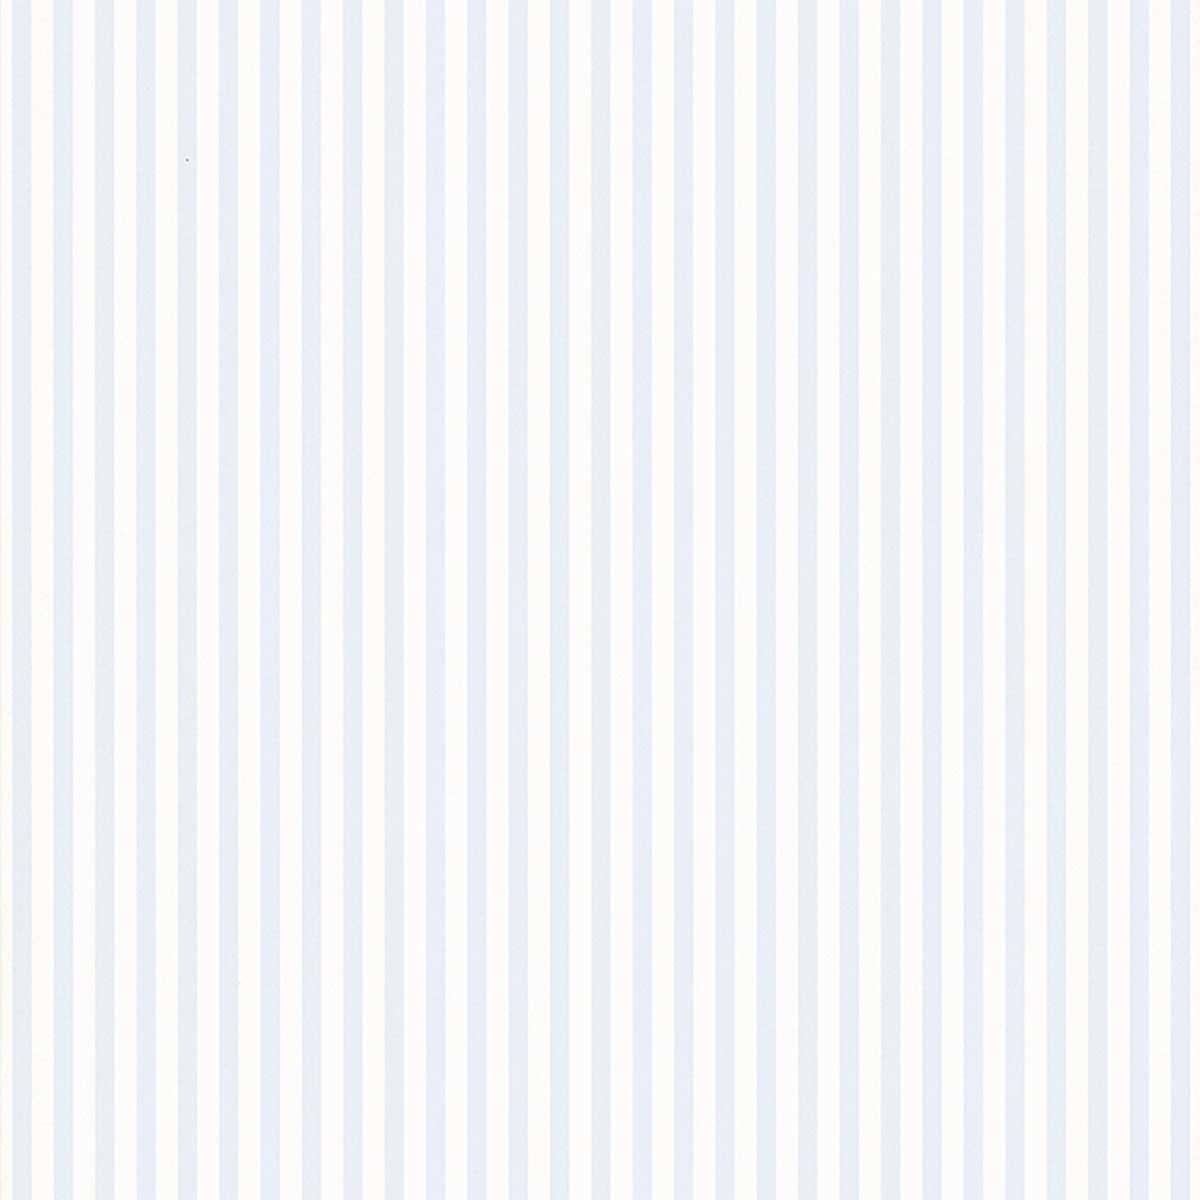 Papier peint LUTECE à petites rayures bicolores - Blanc Bleu - 10.05 m x 0,53 m